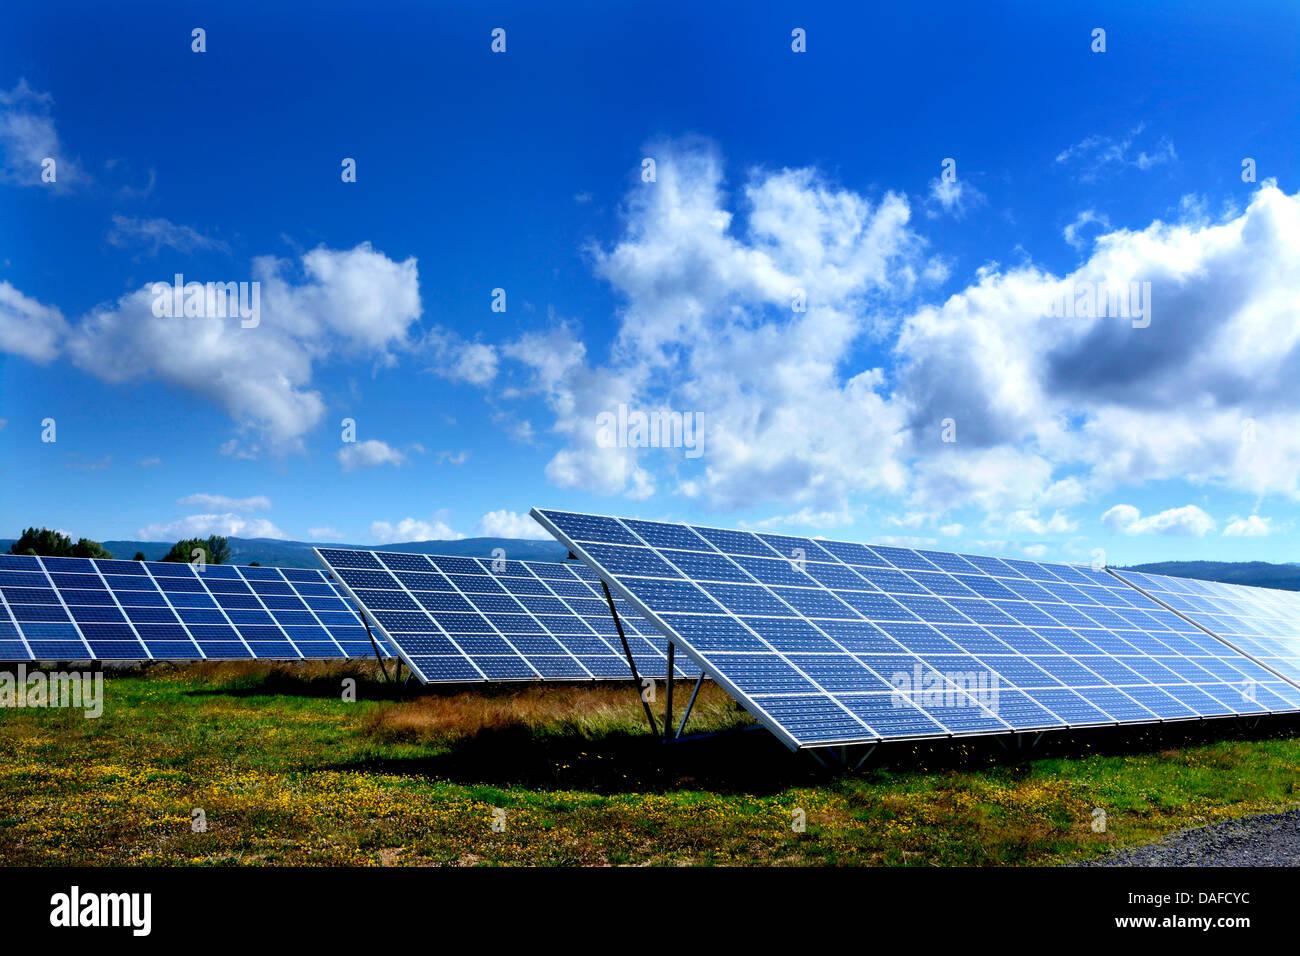 Solarmodule zur Erzeugung erneuerbarer Energie in eine große Reihe an einem Solarpark. Der Auvergne. Frankreich Stockbild